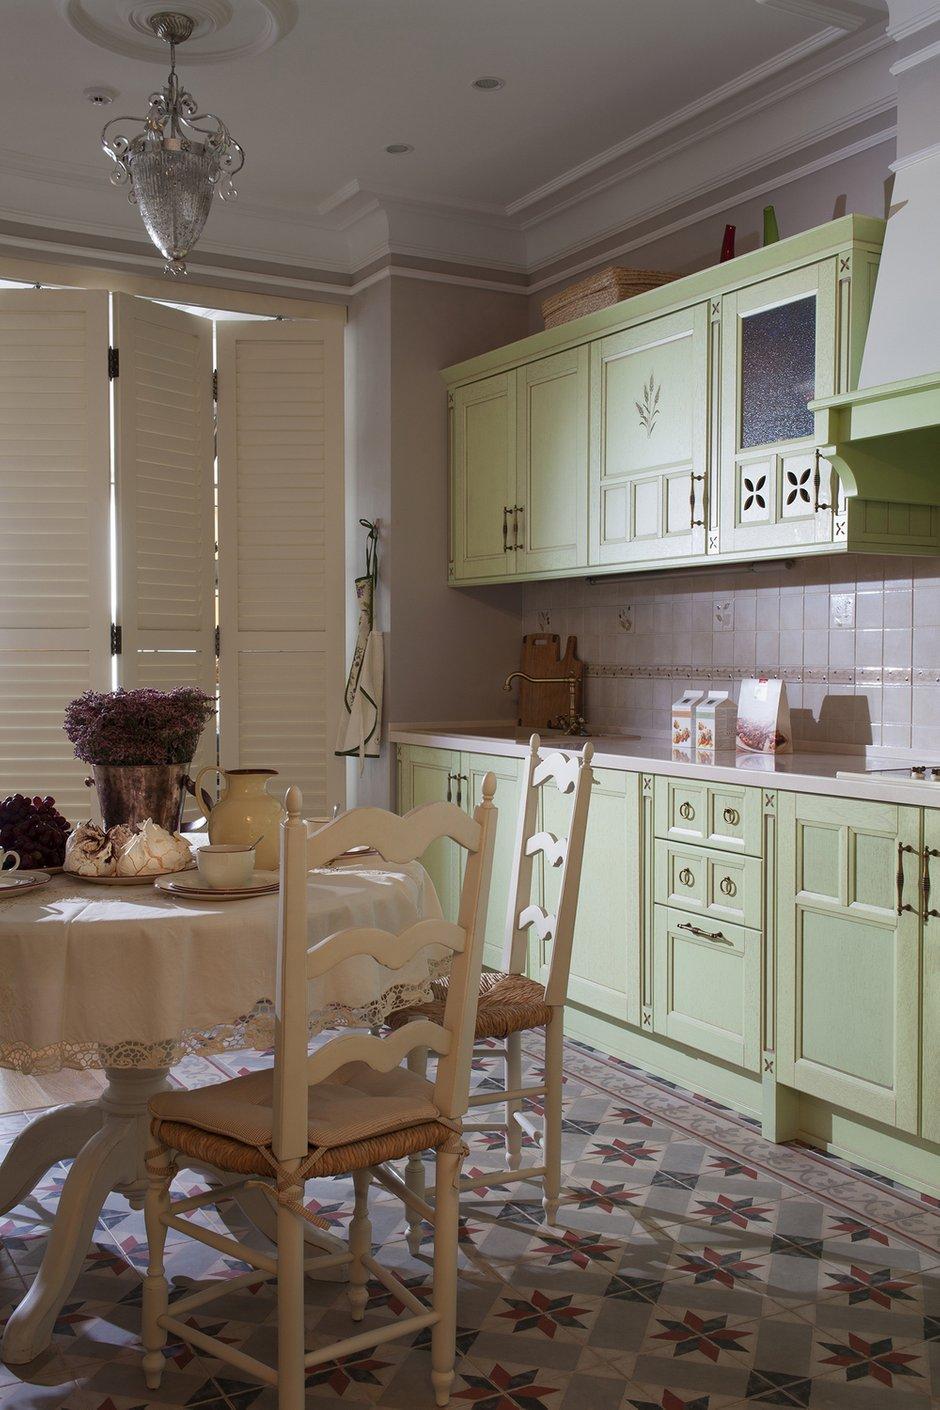 Фотография: Кухня и столовая в стиле Прованс и Кантри, Современный, Декор интерьера, Квартира, Guadarte, Дома и квартиры, Прованс – фото на INMYROOM